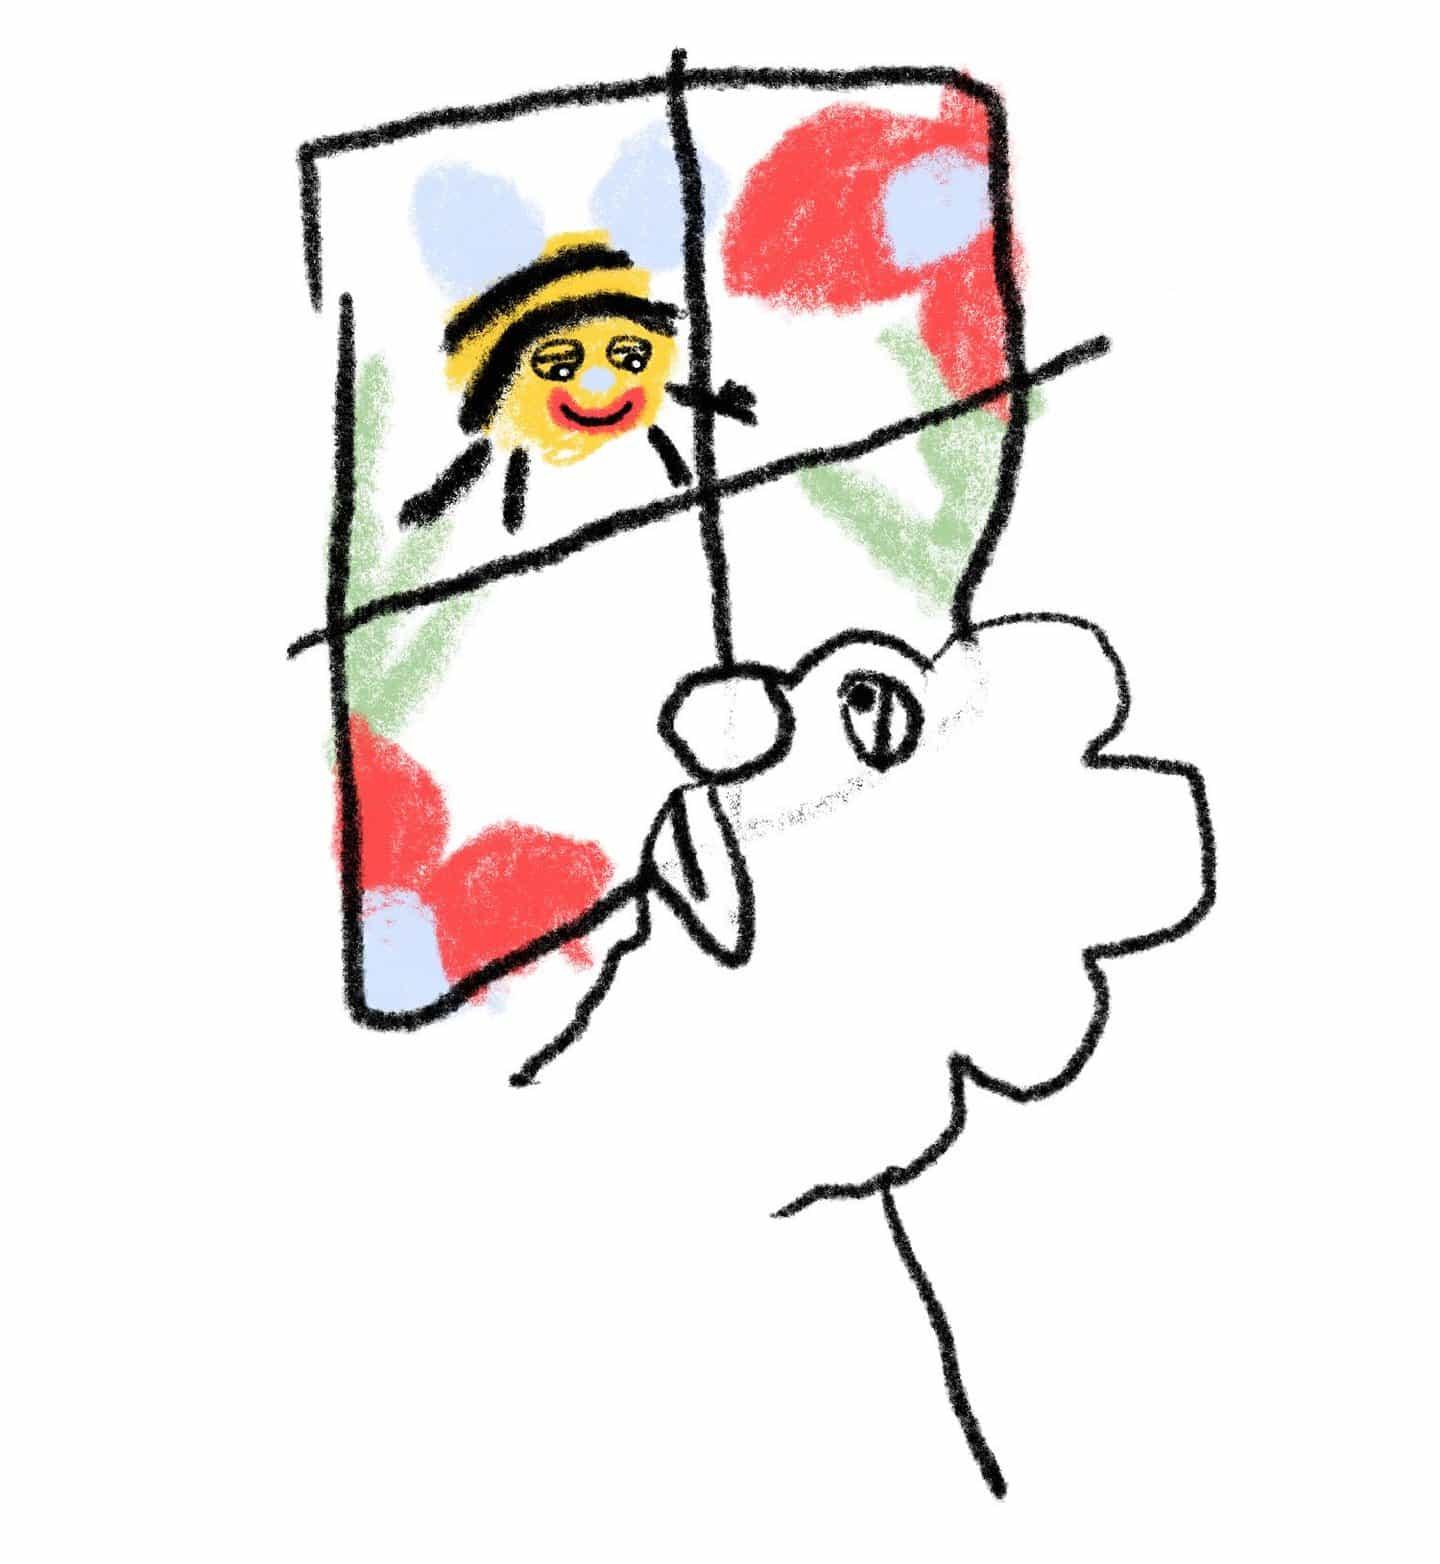 Reír en voz alta con caracteres blobby de Ollie Hudson y abejas con aire satisfecho de aspecto